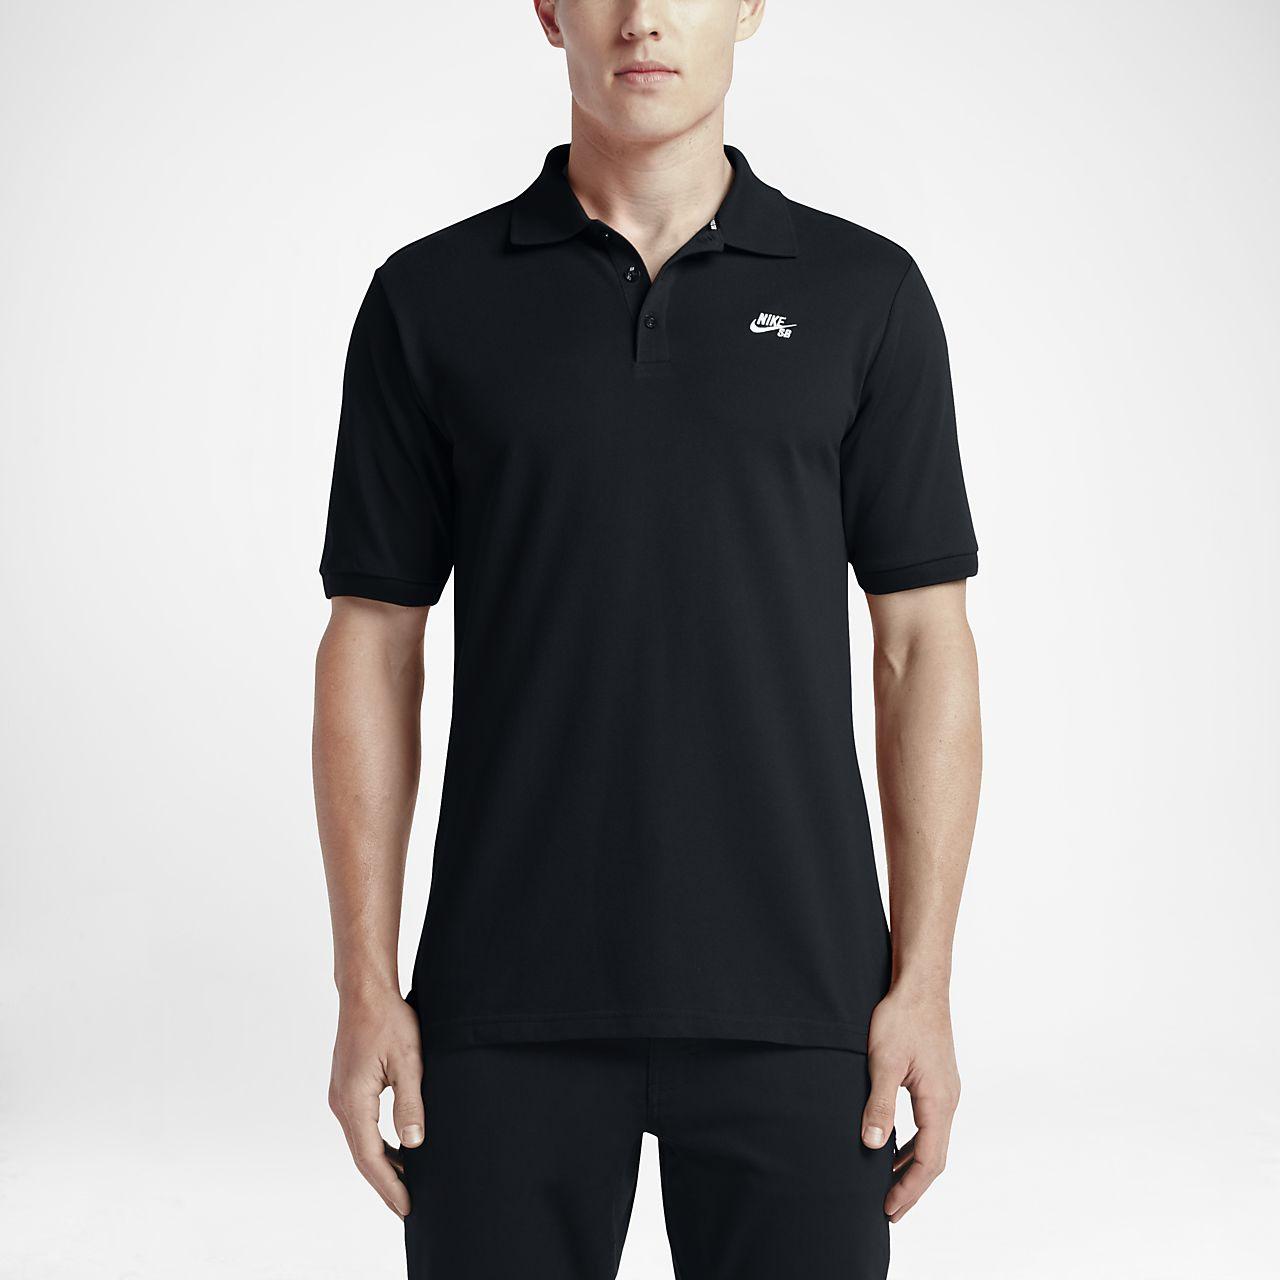 Nike SB Pique 男子翻领T恤